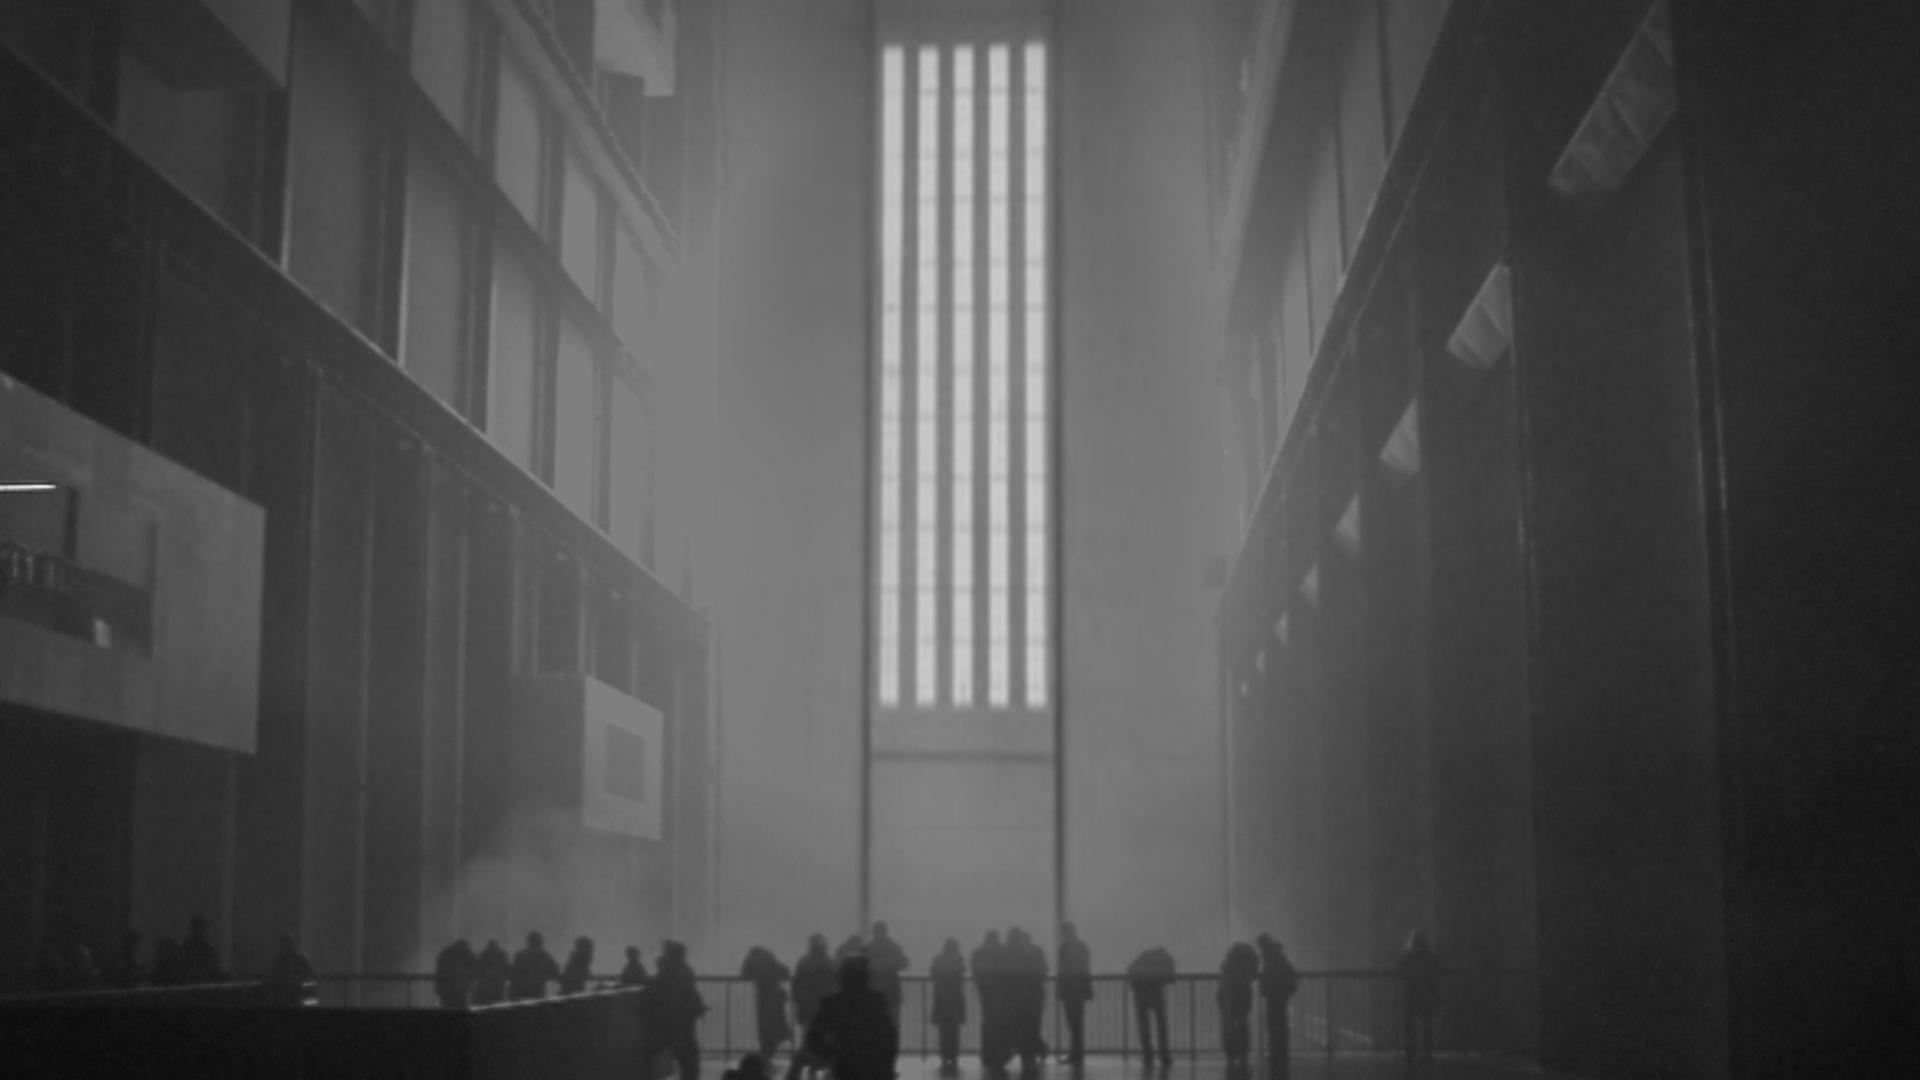 Fotografia di un interno del Tate Modern di Londra